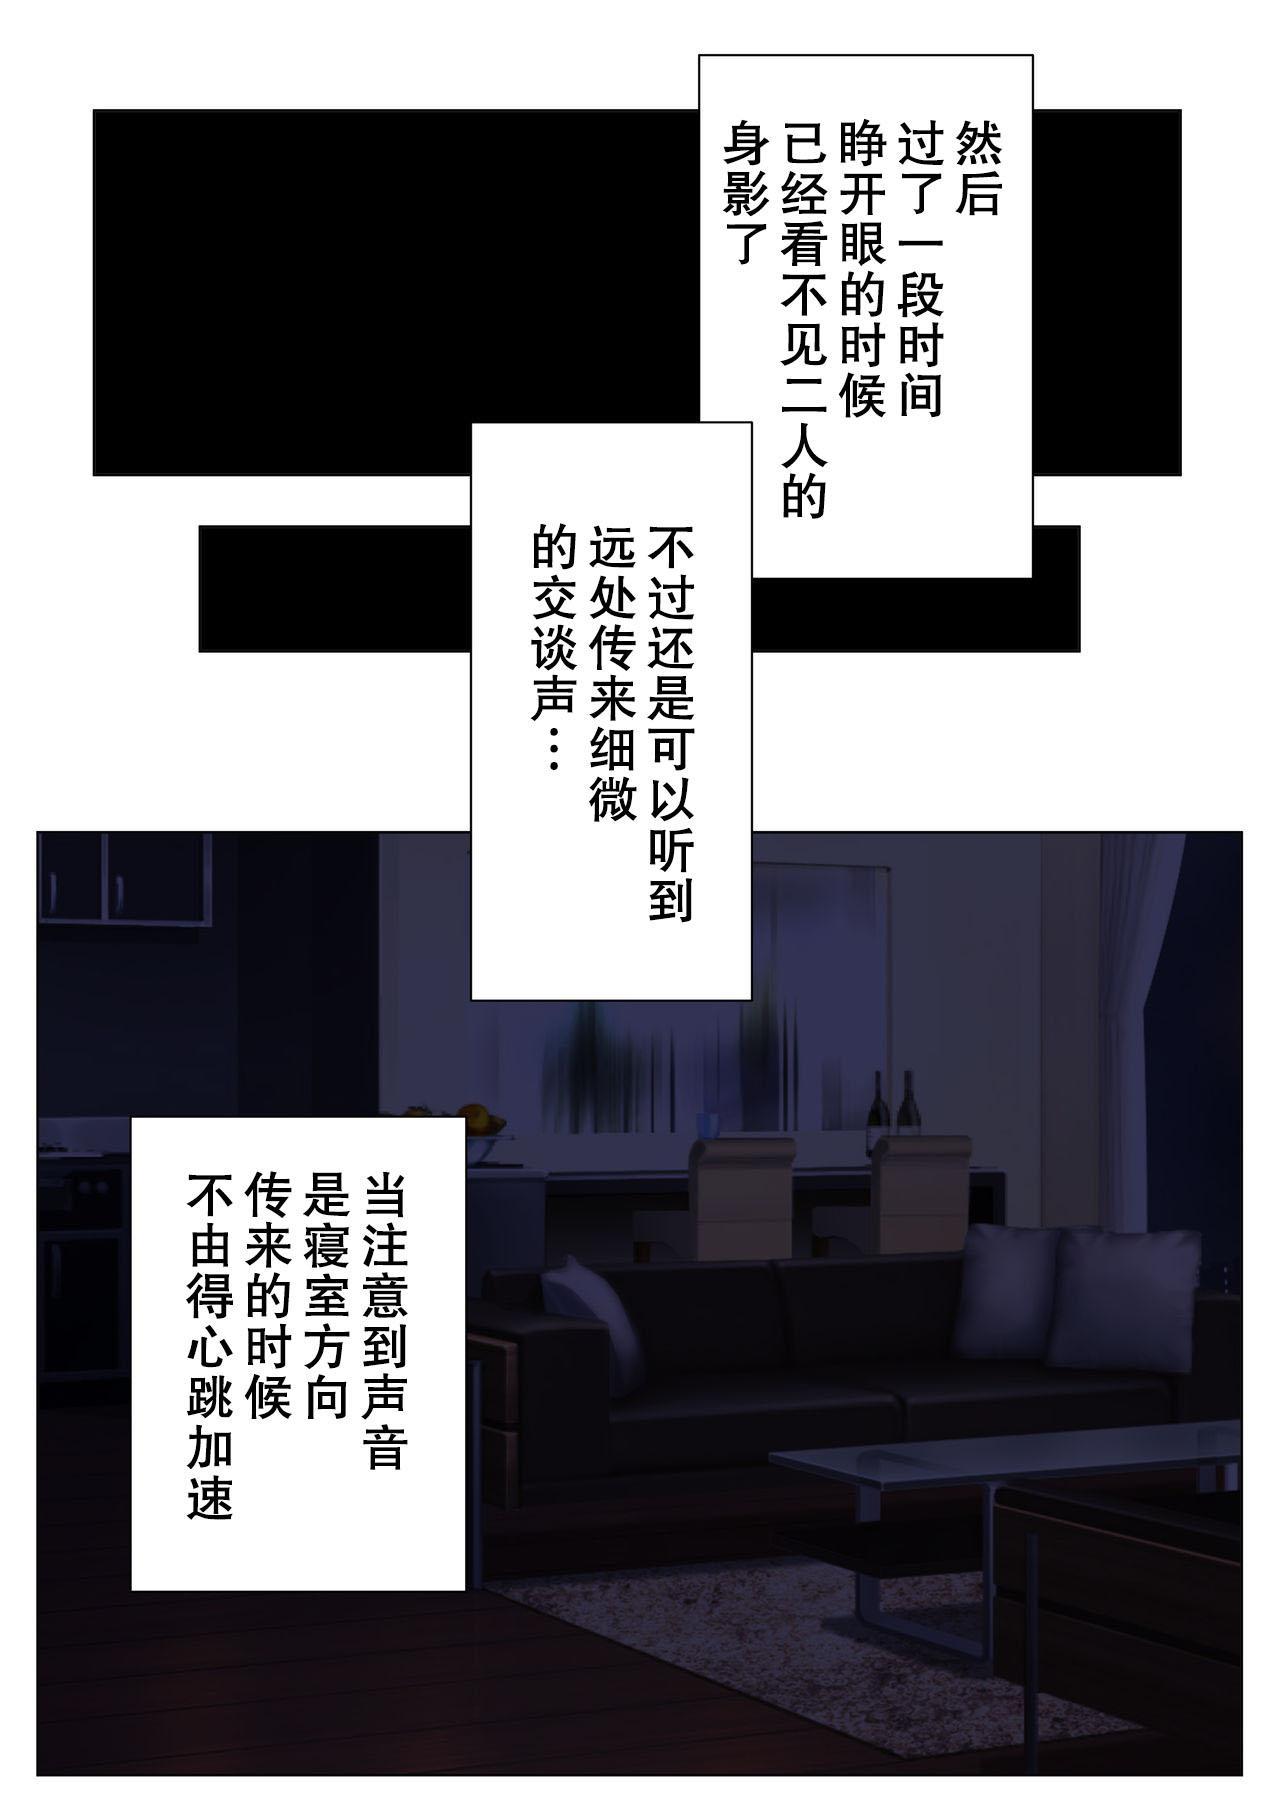 [W no Honnou] Shin, Boku no Tsuma to Kyokon no Moto AV Danyuu Buchou[Chinese]【不可视汉化】 17